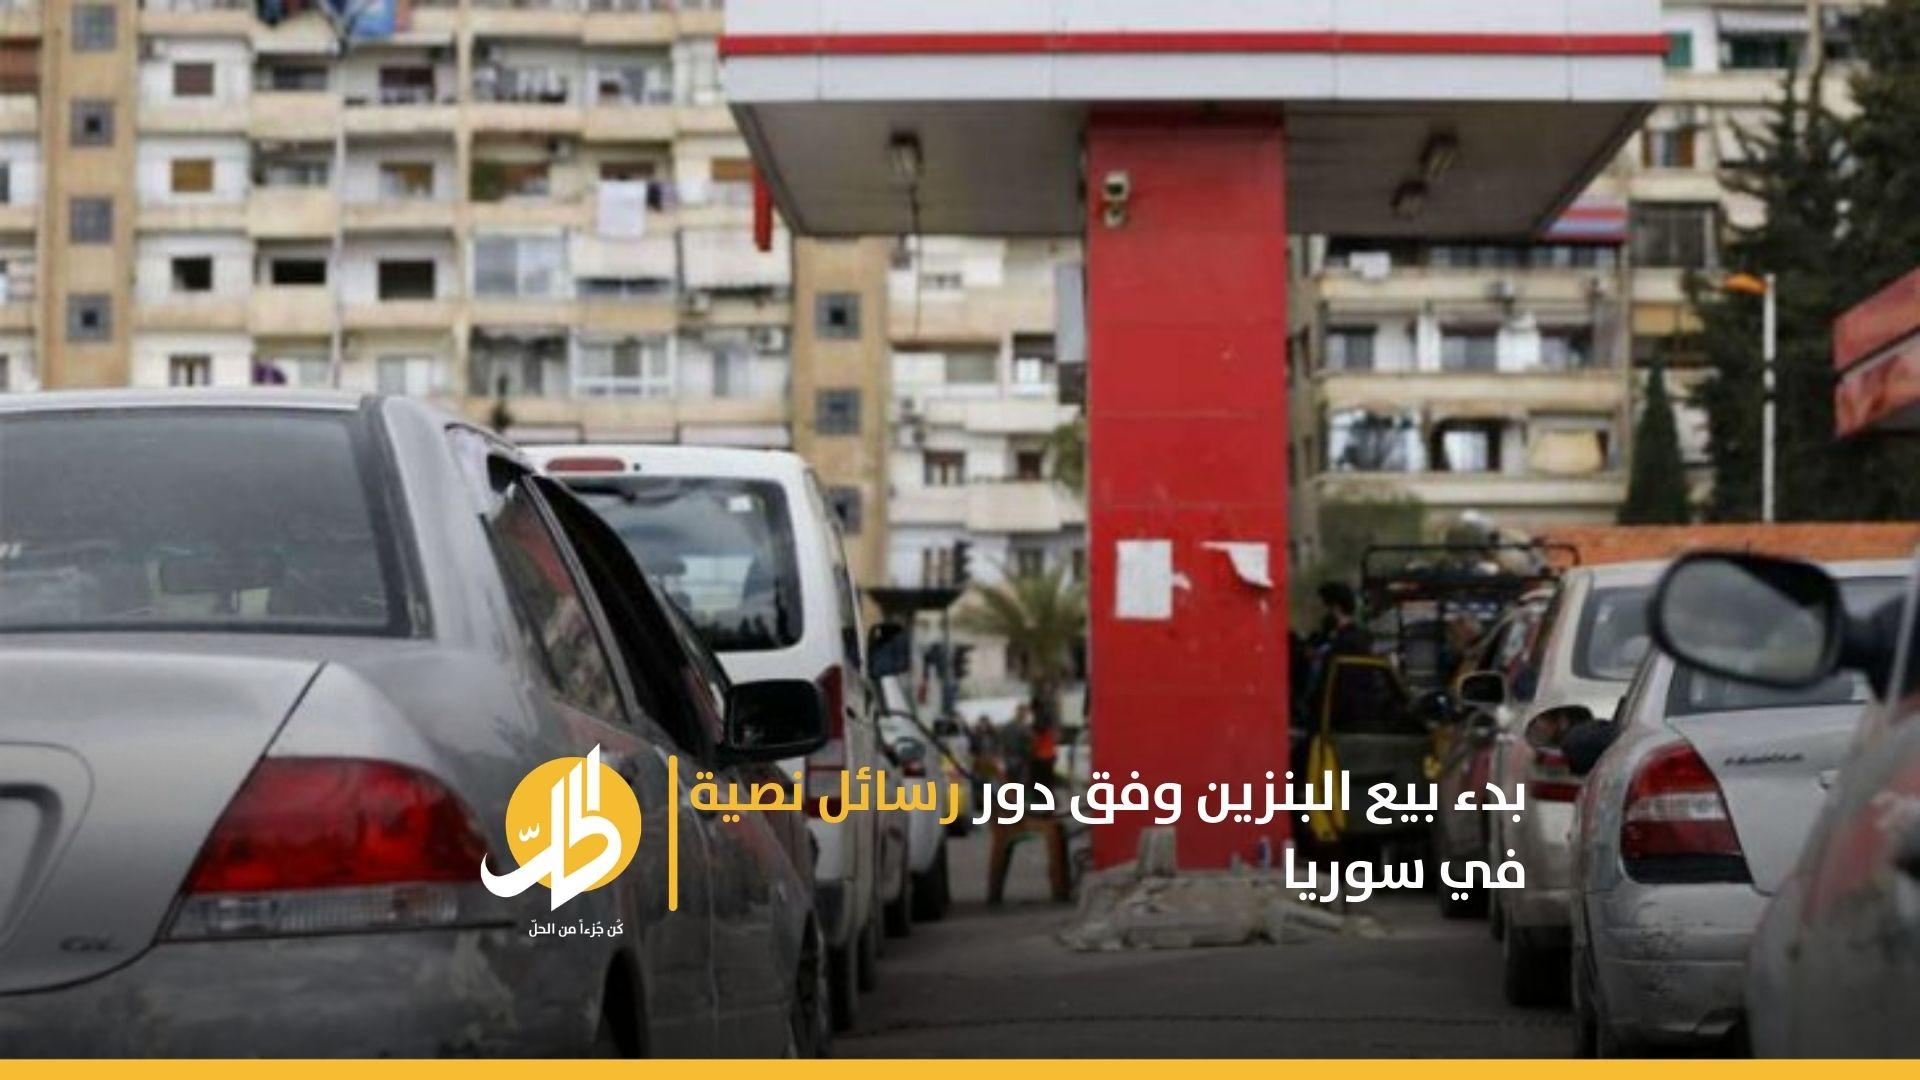 بدء بيع البنزين وفق دور رسائل نصية في سوريا